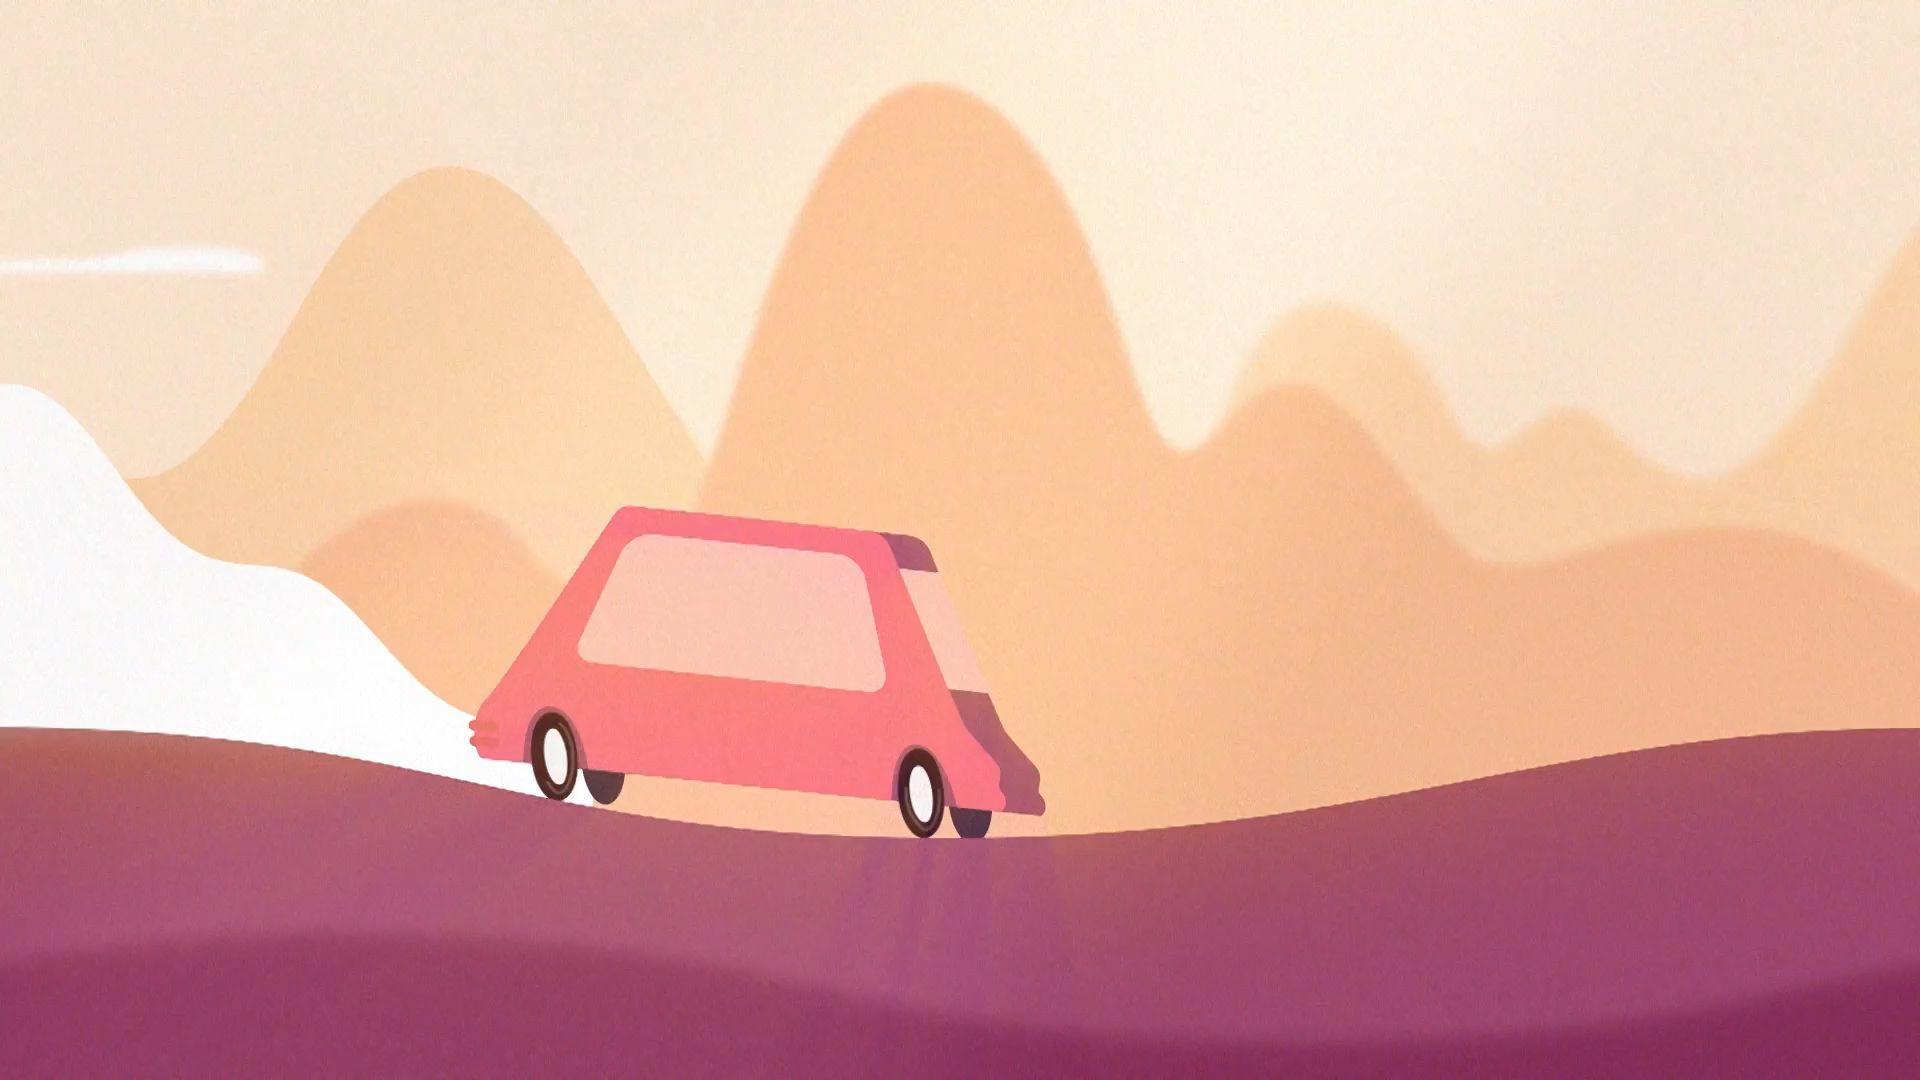 animatsioonistuudio eesti showreel 2d animatsioonid pilt 1 1